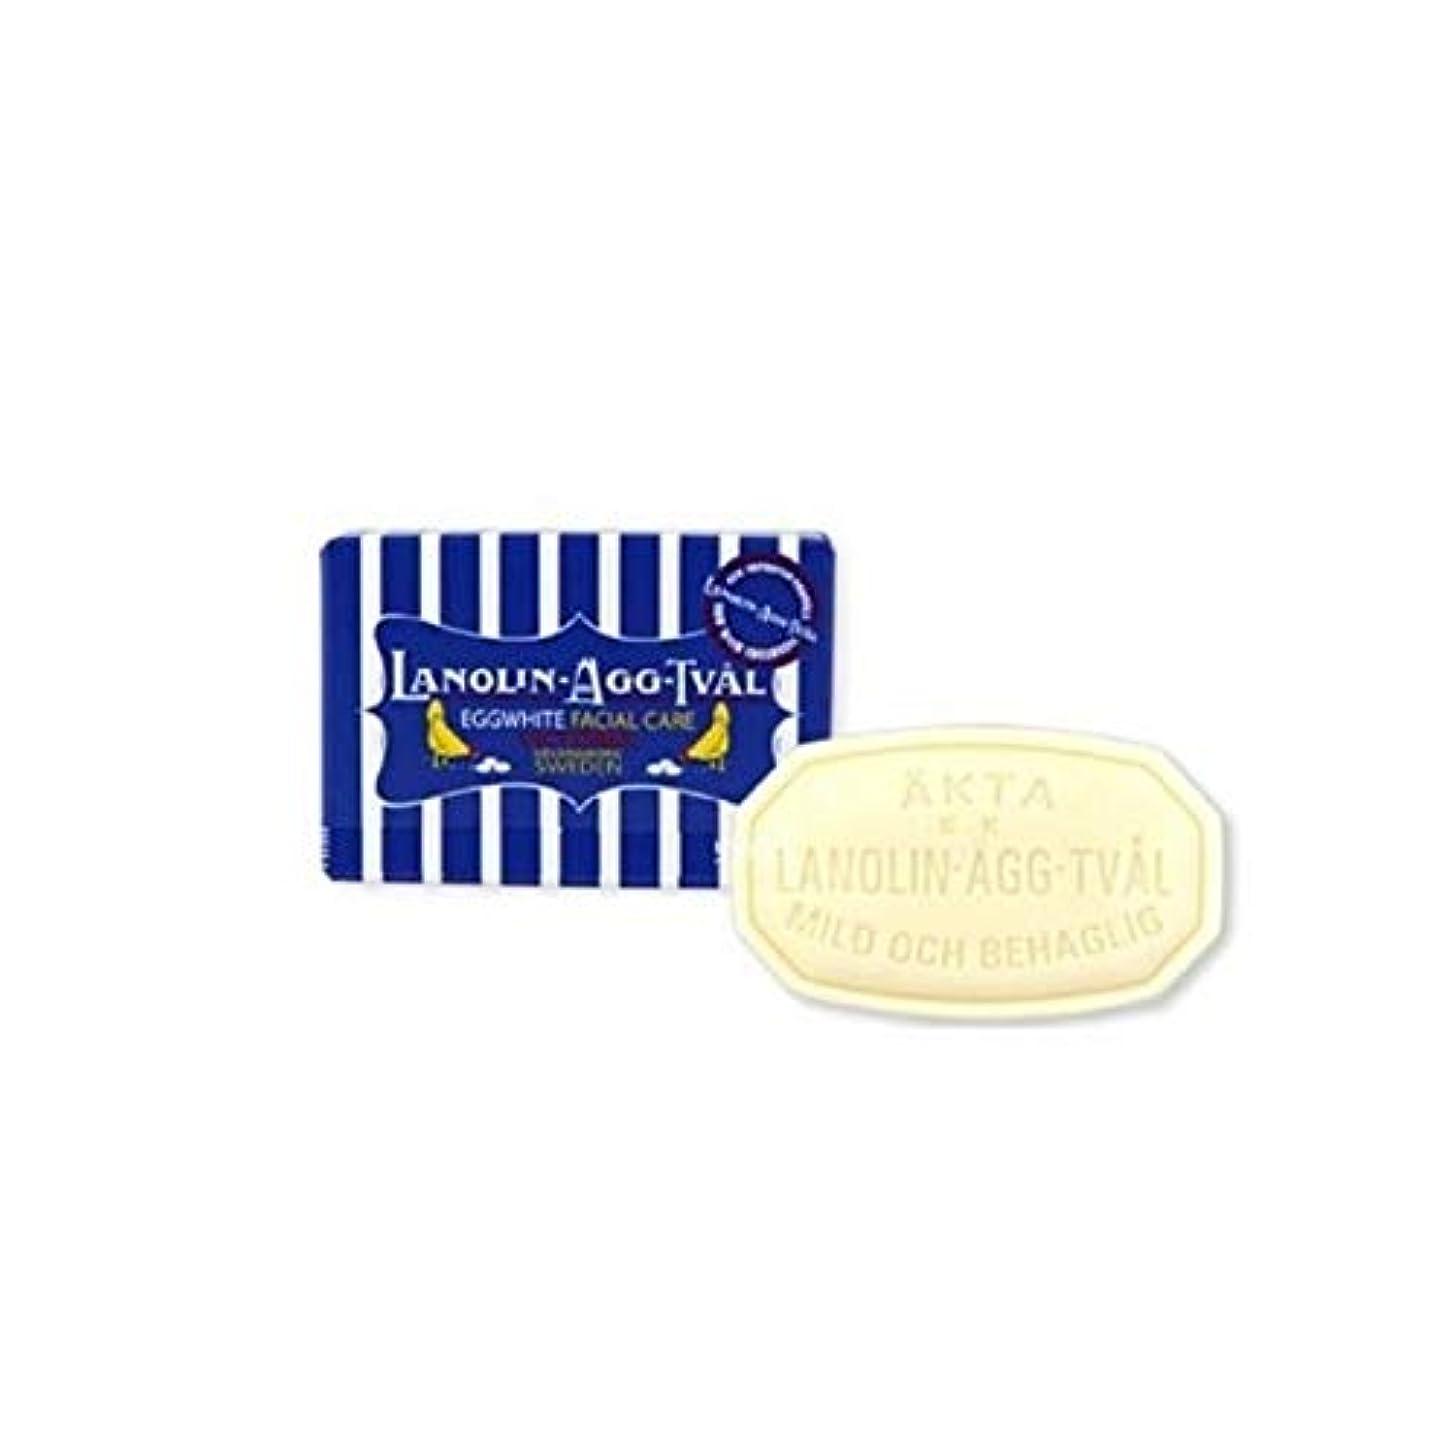 駅批判部屋を掃除するヴィクトリア(Victoria) スウェーデン エッグ ホワイトソープ 50g×6個セット エッグパック [並行輸入品]